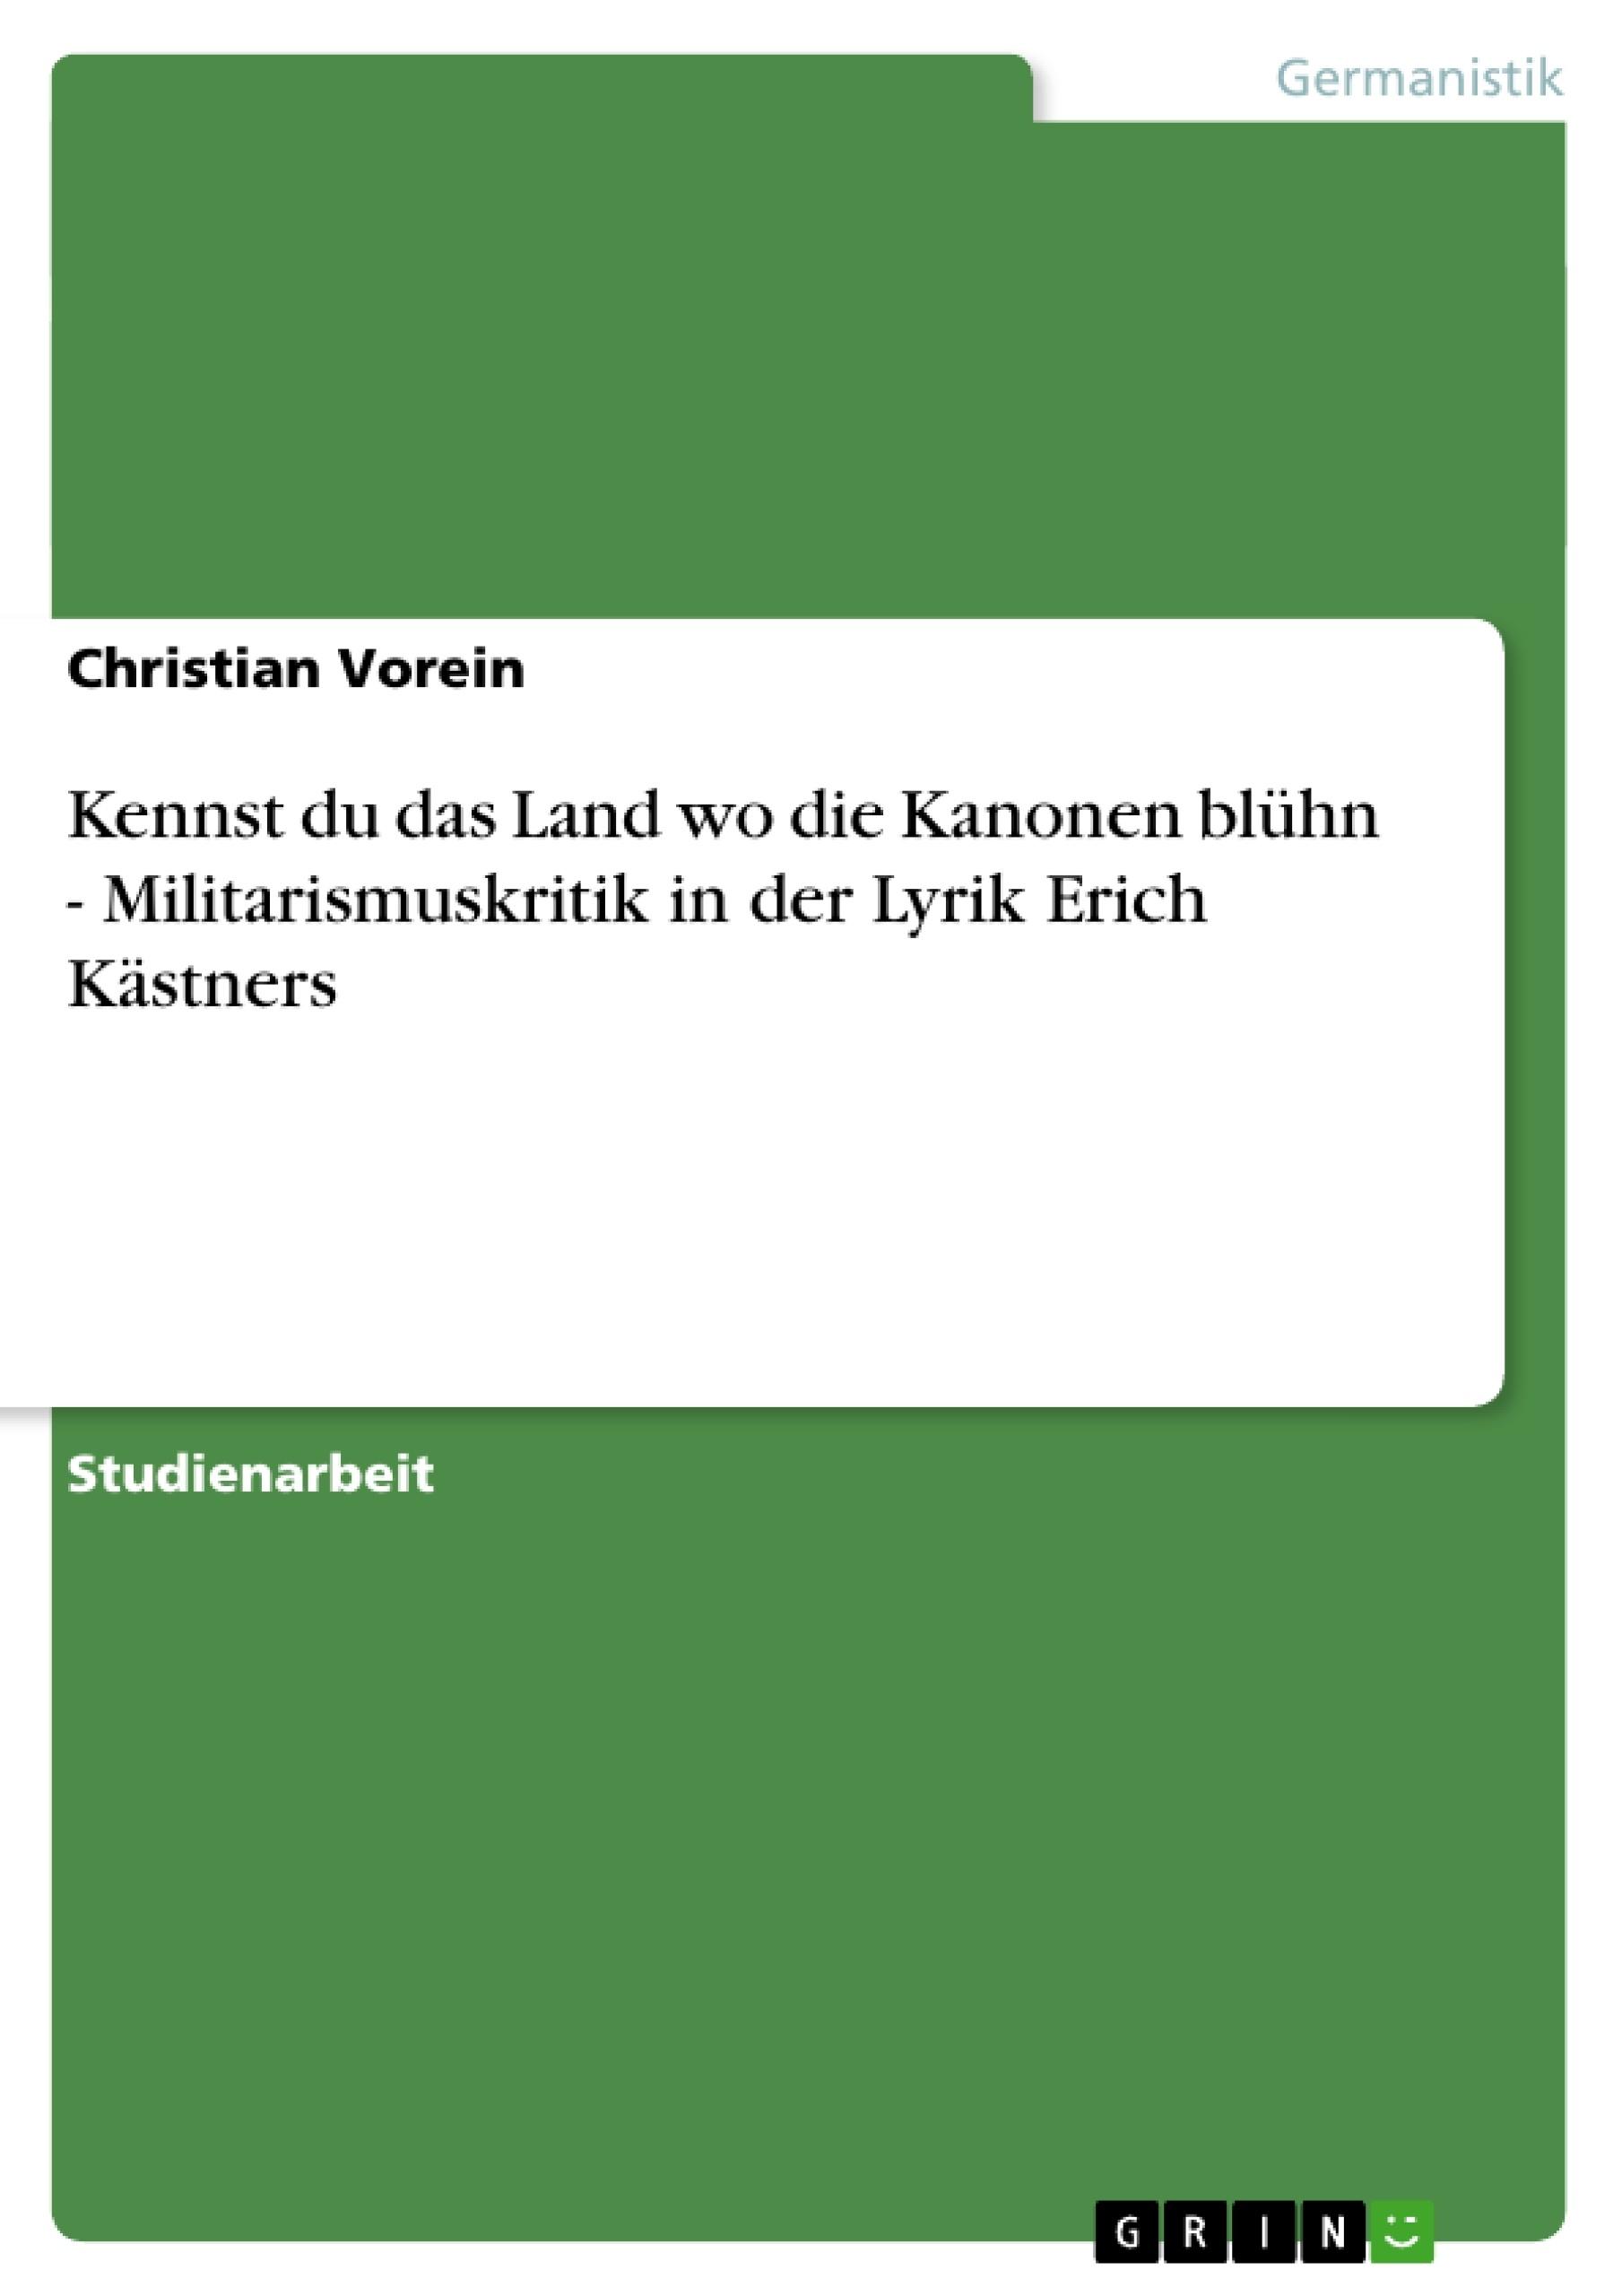 Titel: Kennst du das Land wo die Kanonen blühn - Militarismuskritik in der Lyrik Erich Kästners